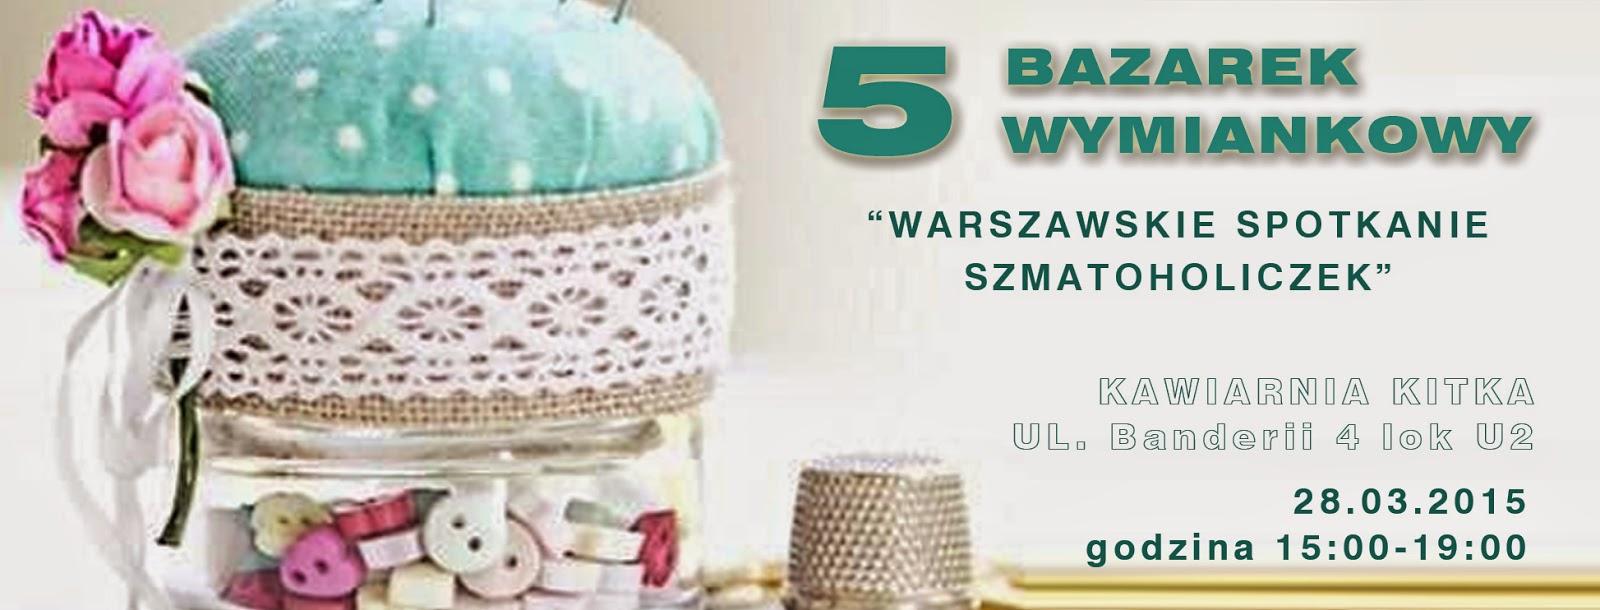 http://www.grupawarszawaszyje.pl/2015/03/bazarek-wymiankowy.html